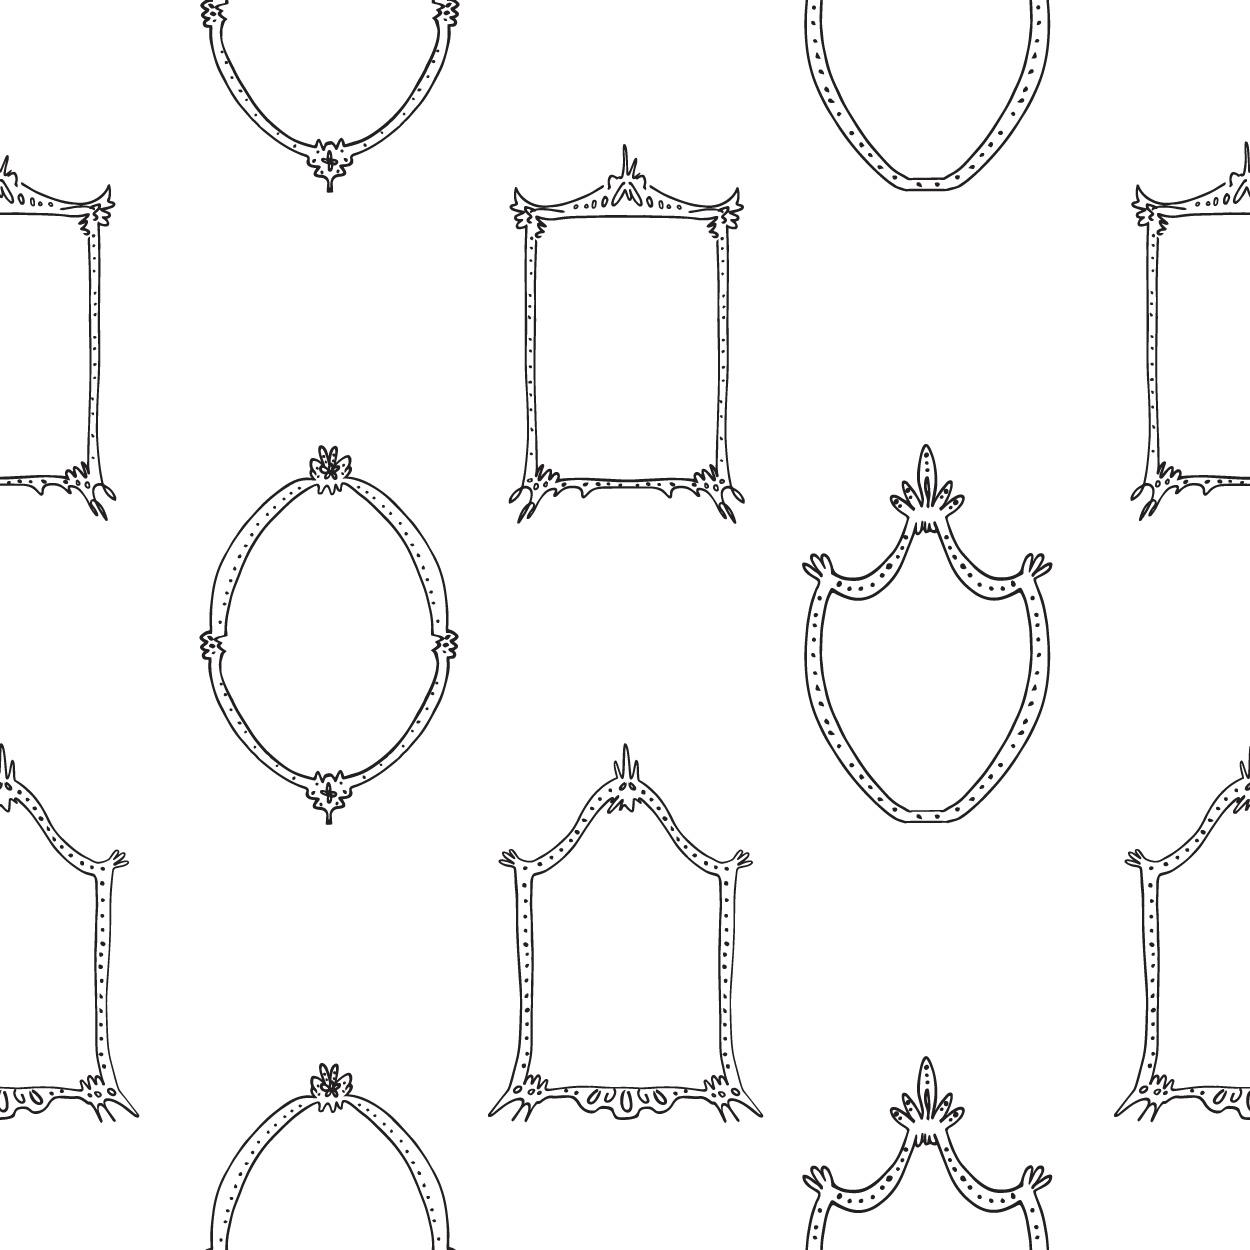 Mirrors - Black & White